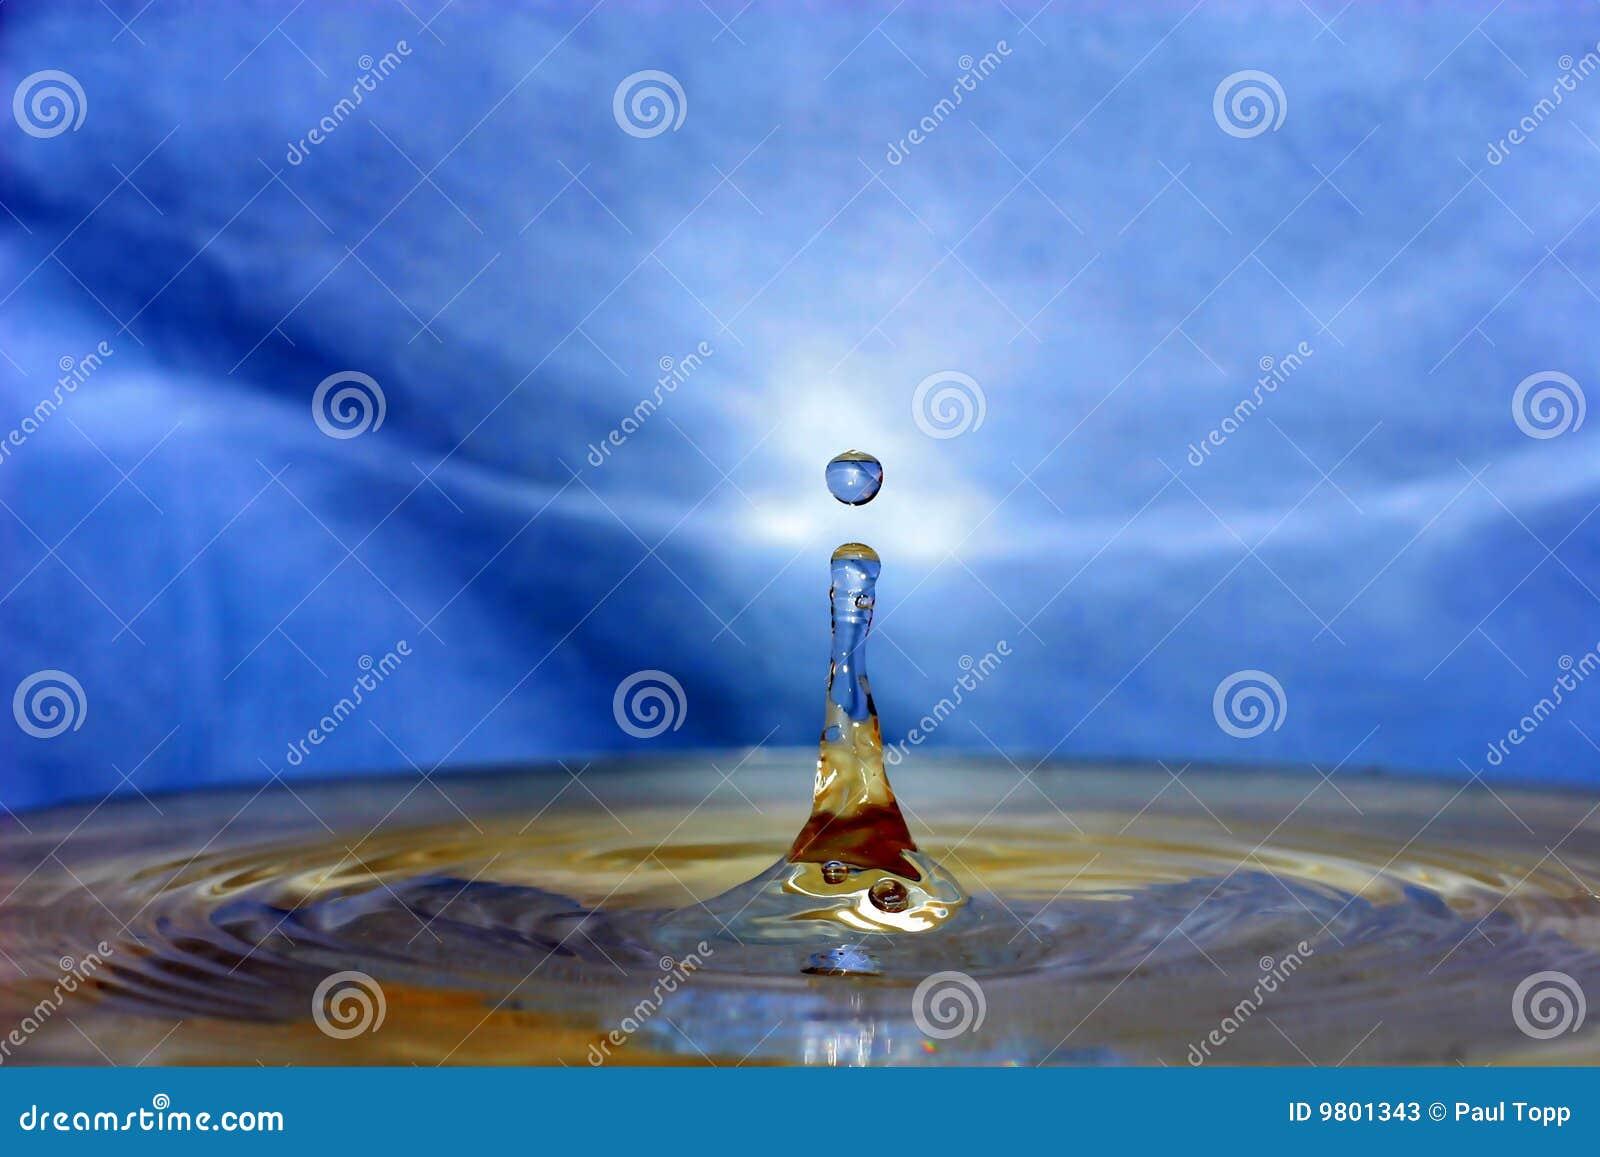 падения брызгая воду